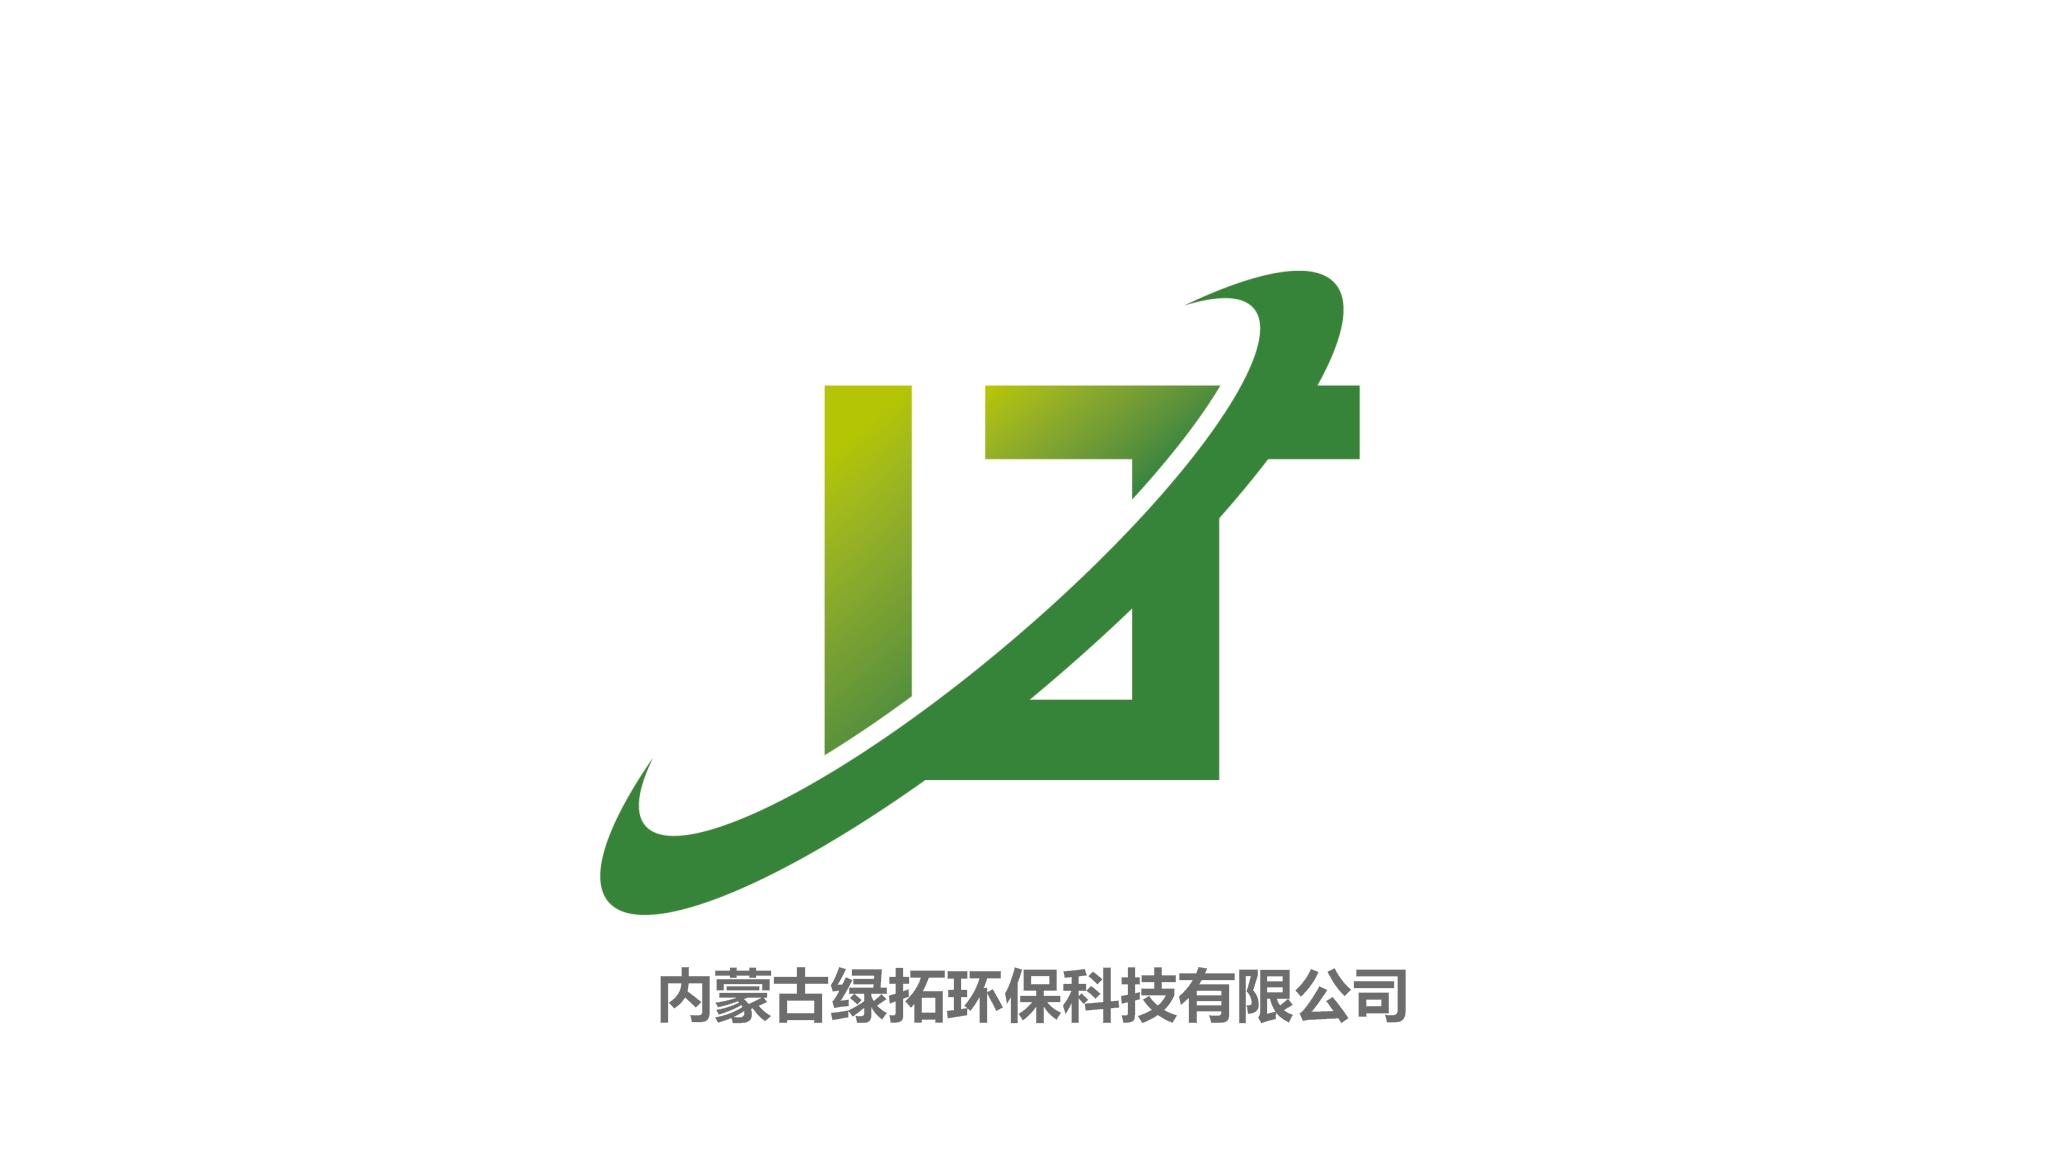 内蒙古绿拓环保科技有限公司